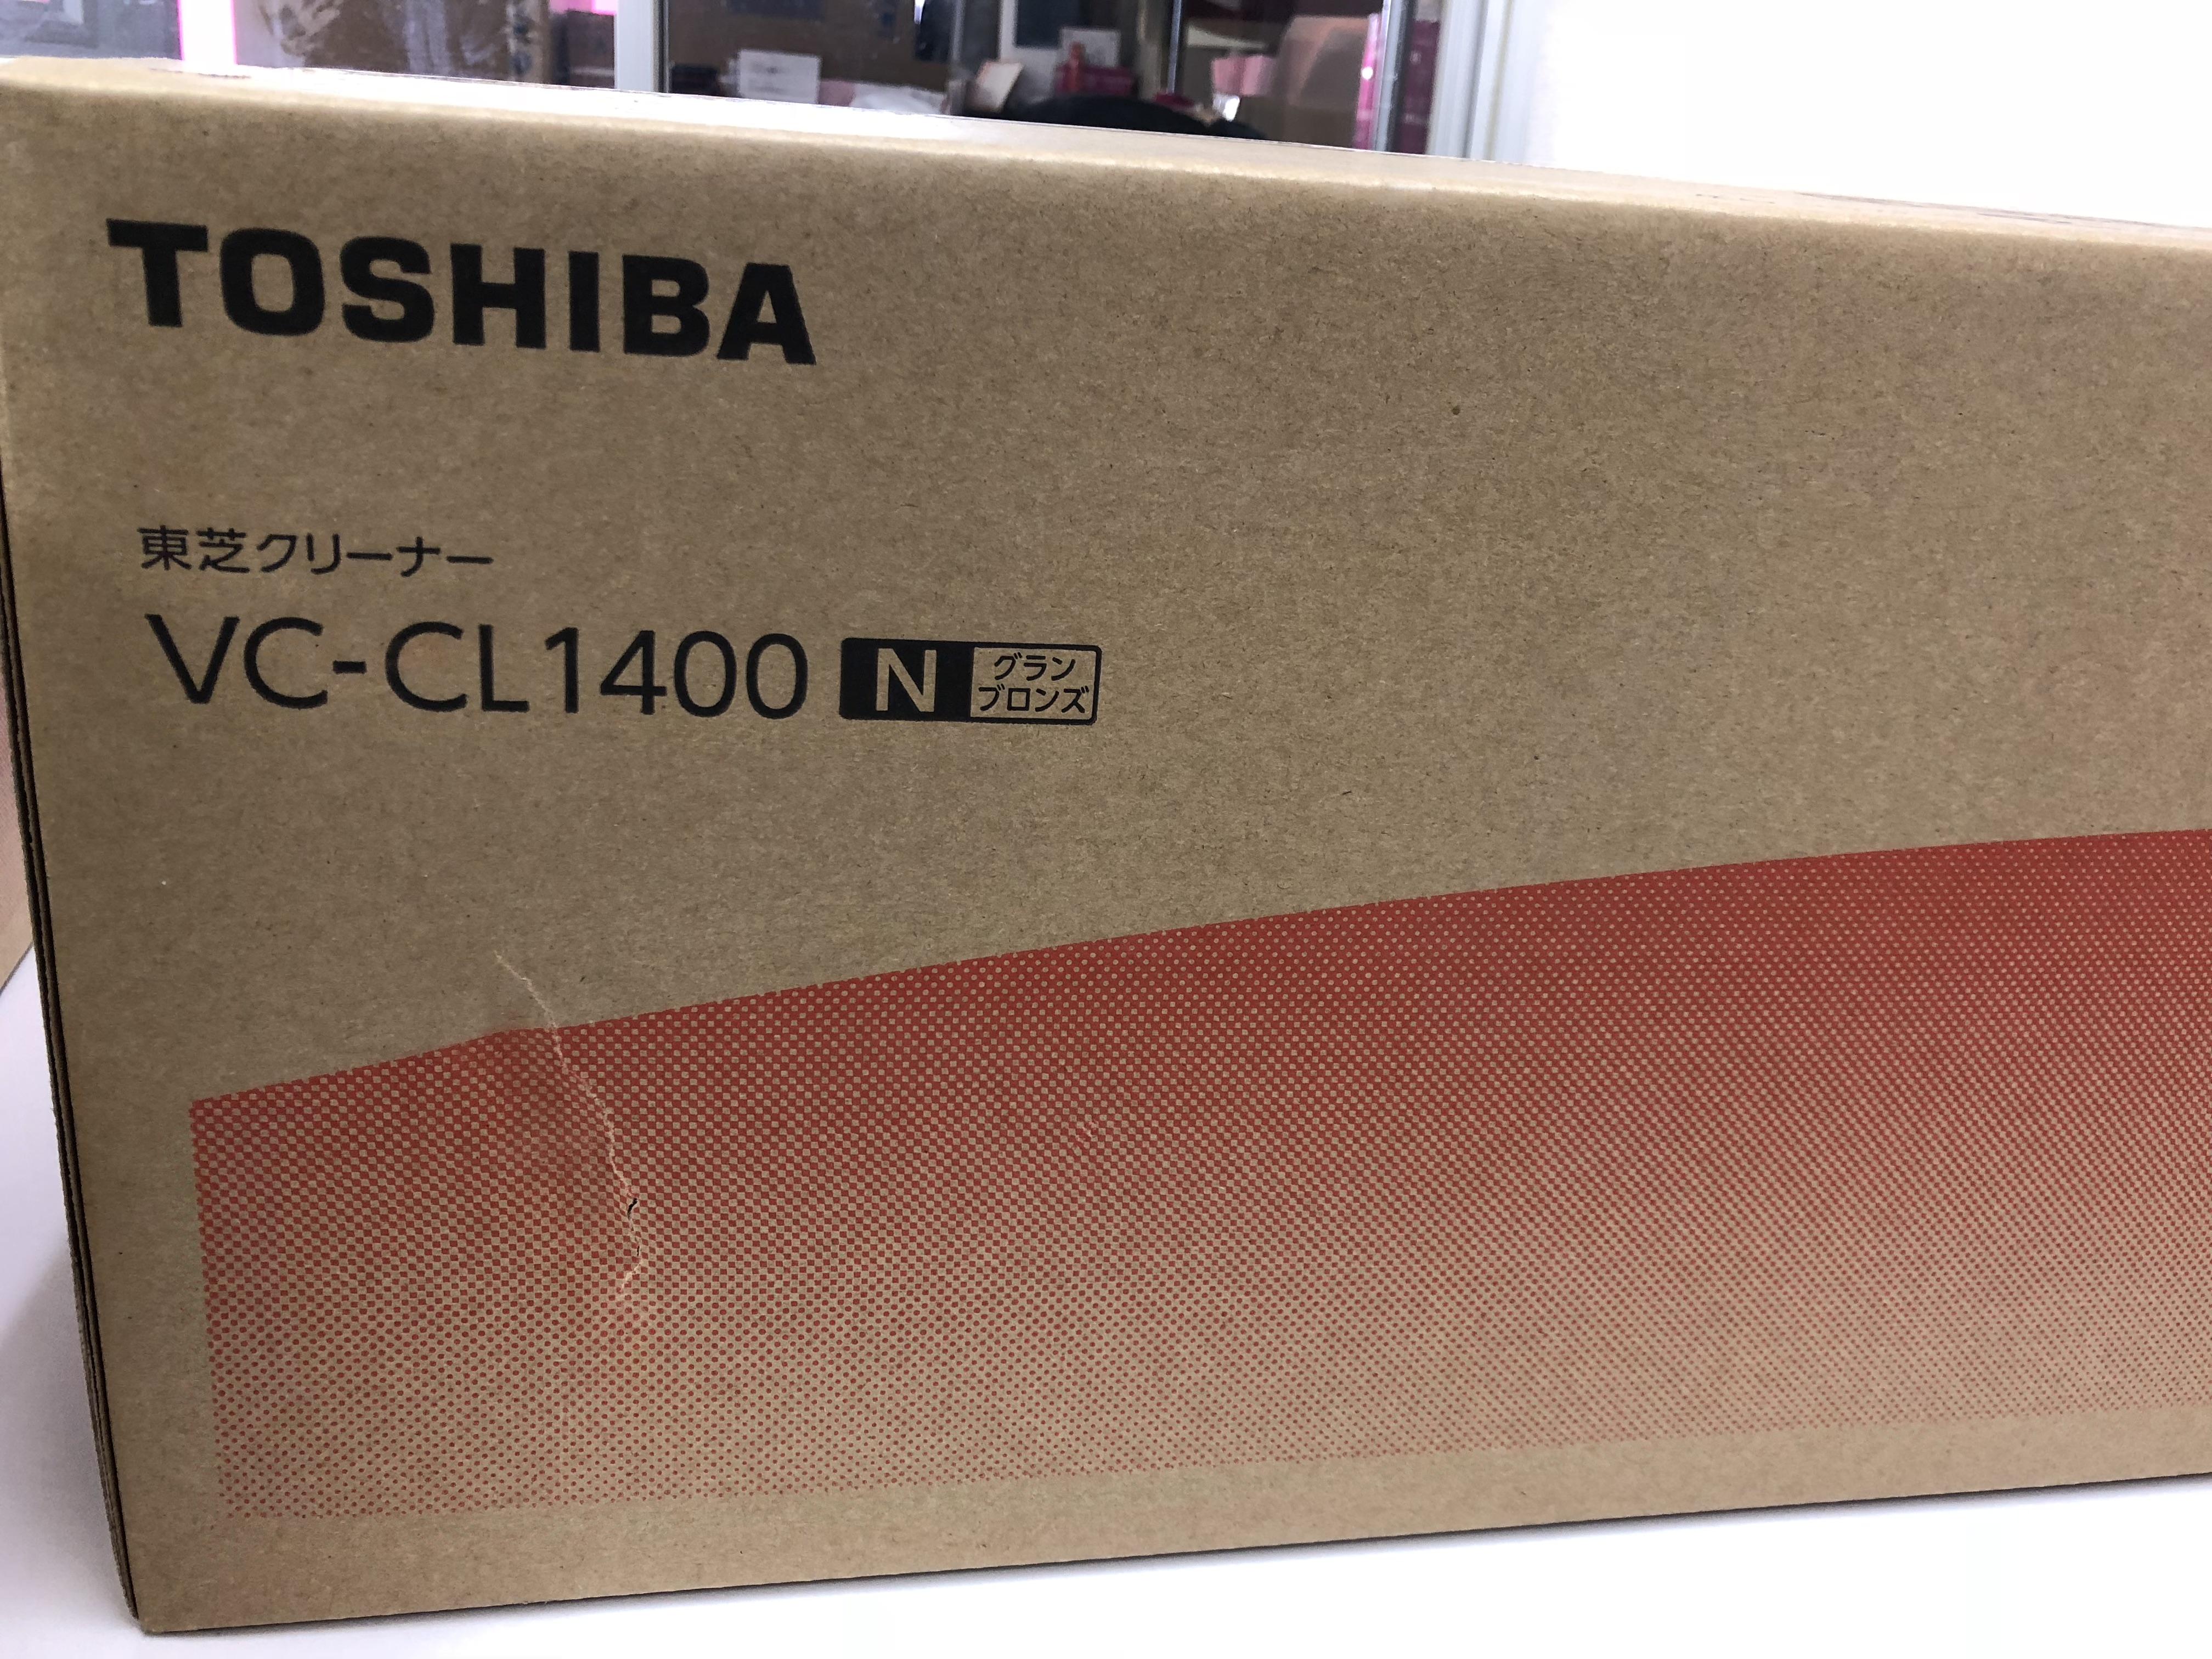 トルネオ ヴイ コードレス VC-CL1400(N) [グランブロンズ](箱傷)